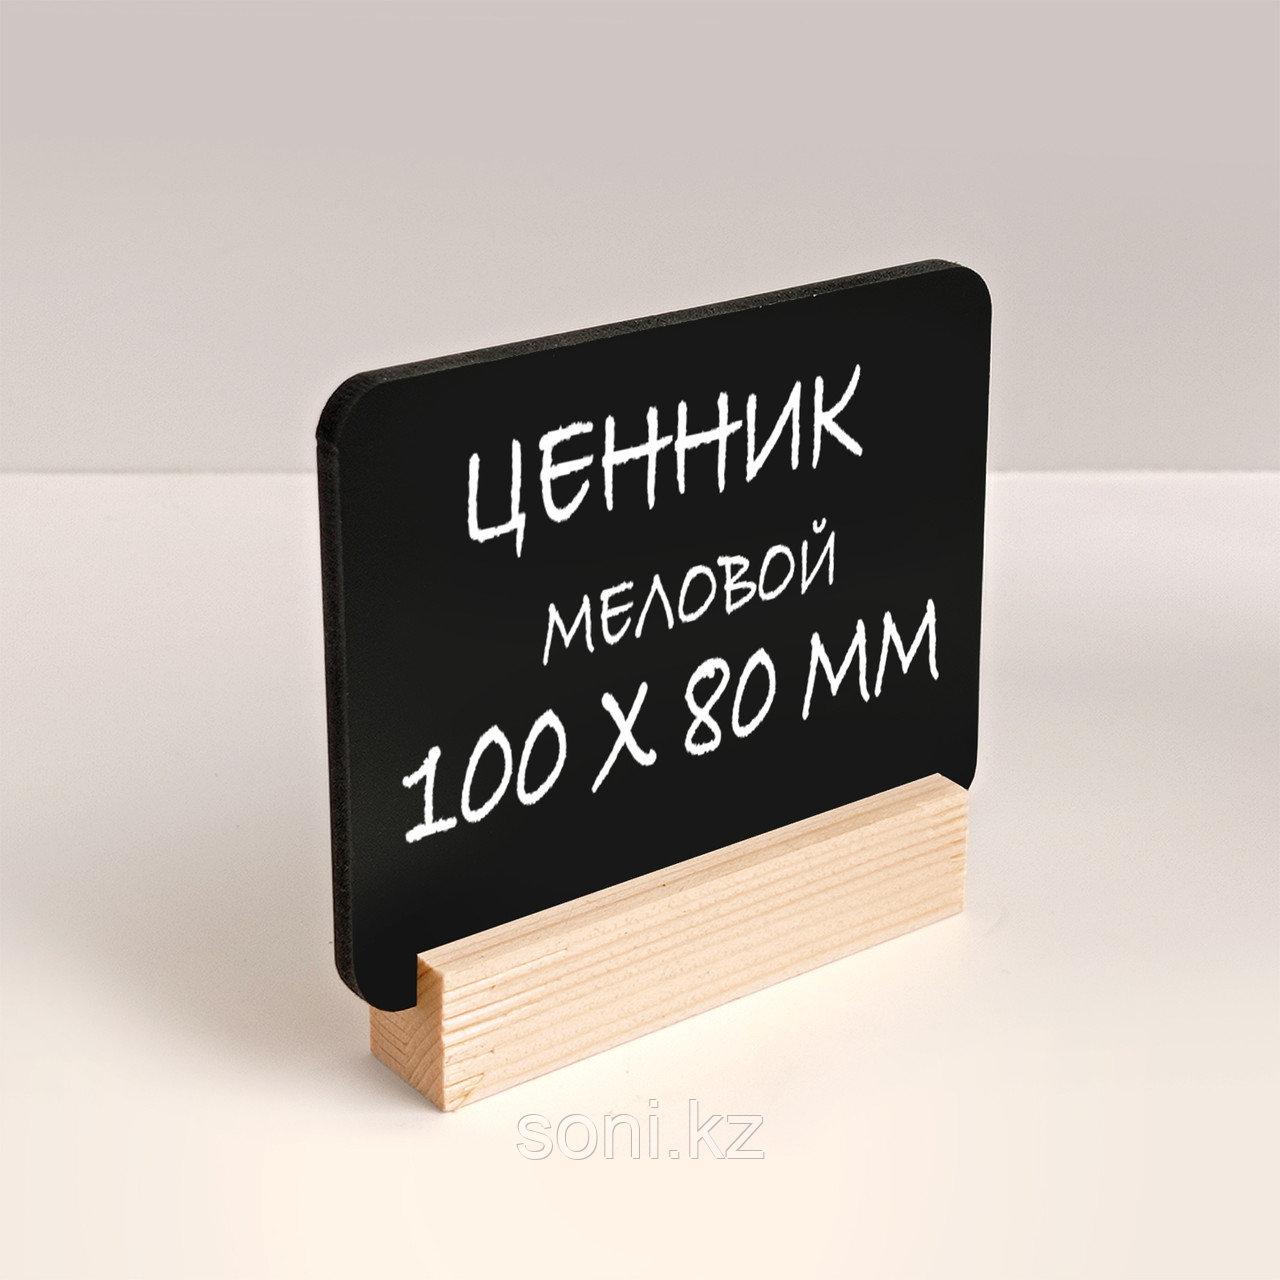 Ценник меловой 100х80мм, на деревянной подставке